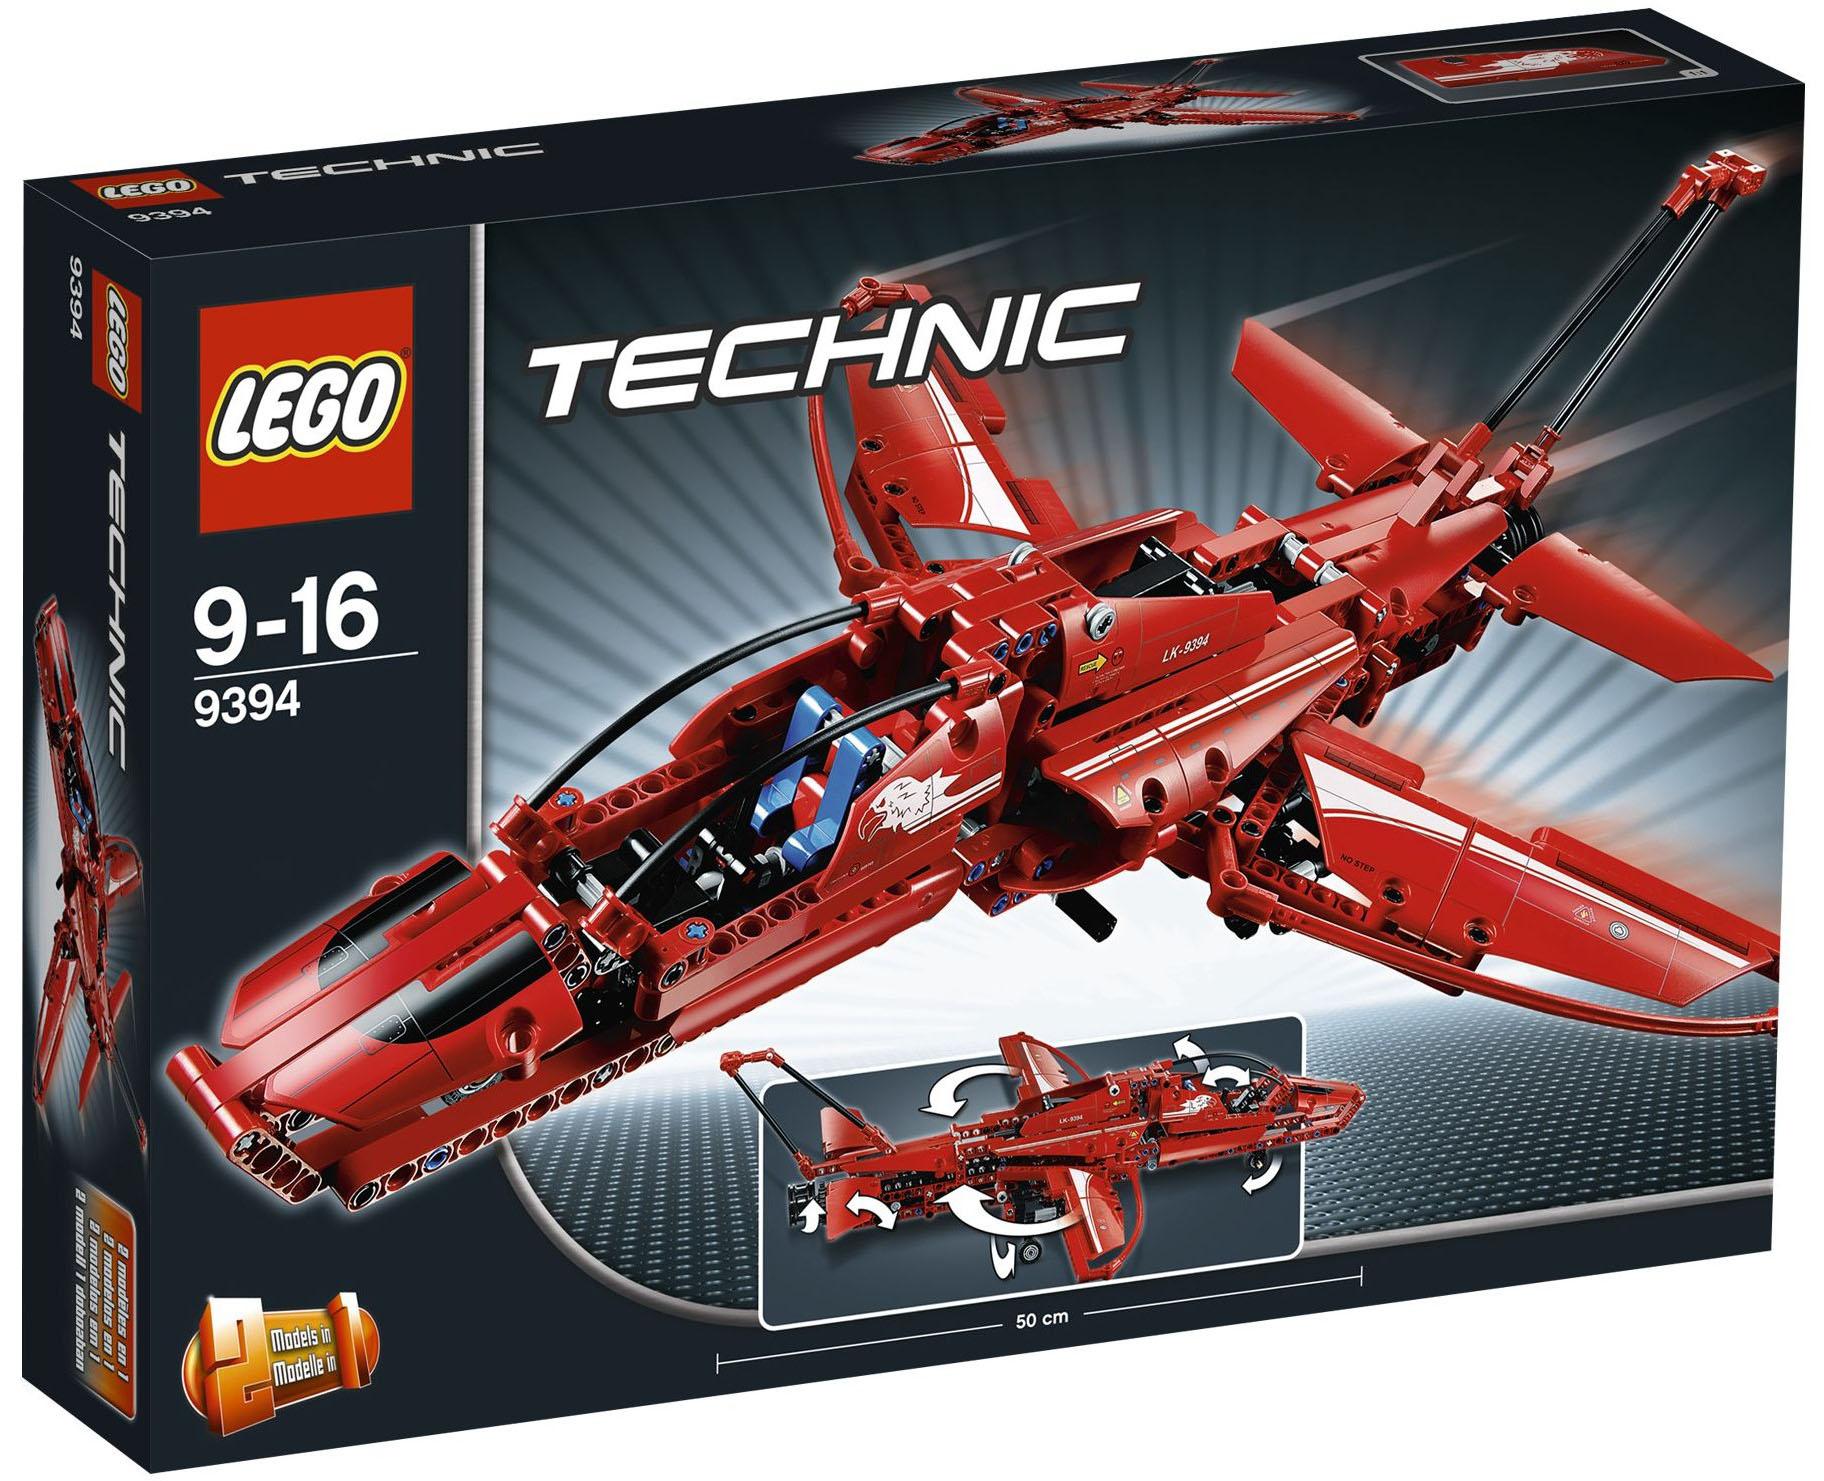 lego technic 9394 pas cher l 39 avion supersonique. Black Bedroom Furniture Sets. Home Design Ideas